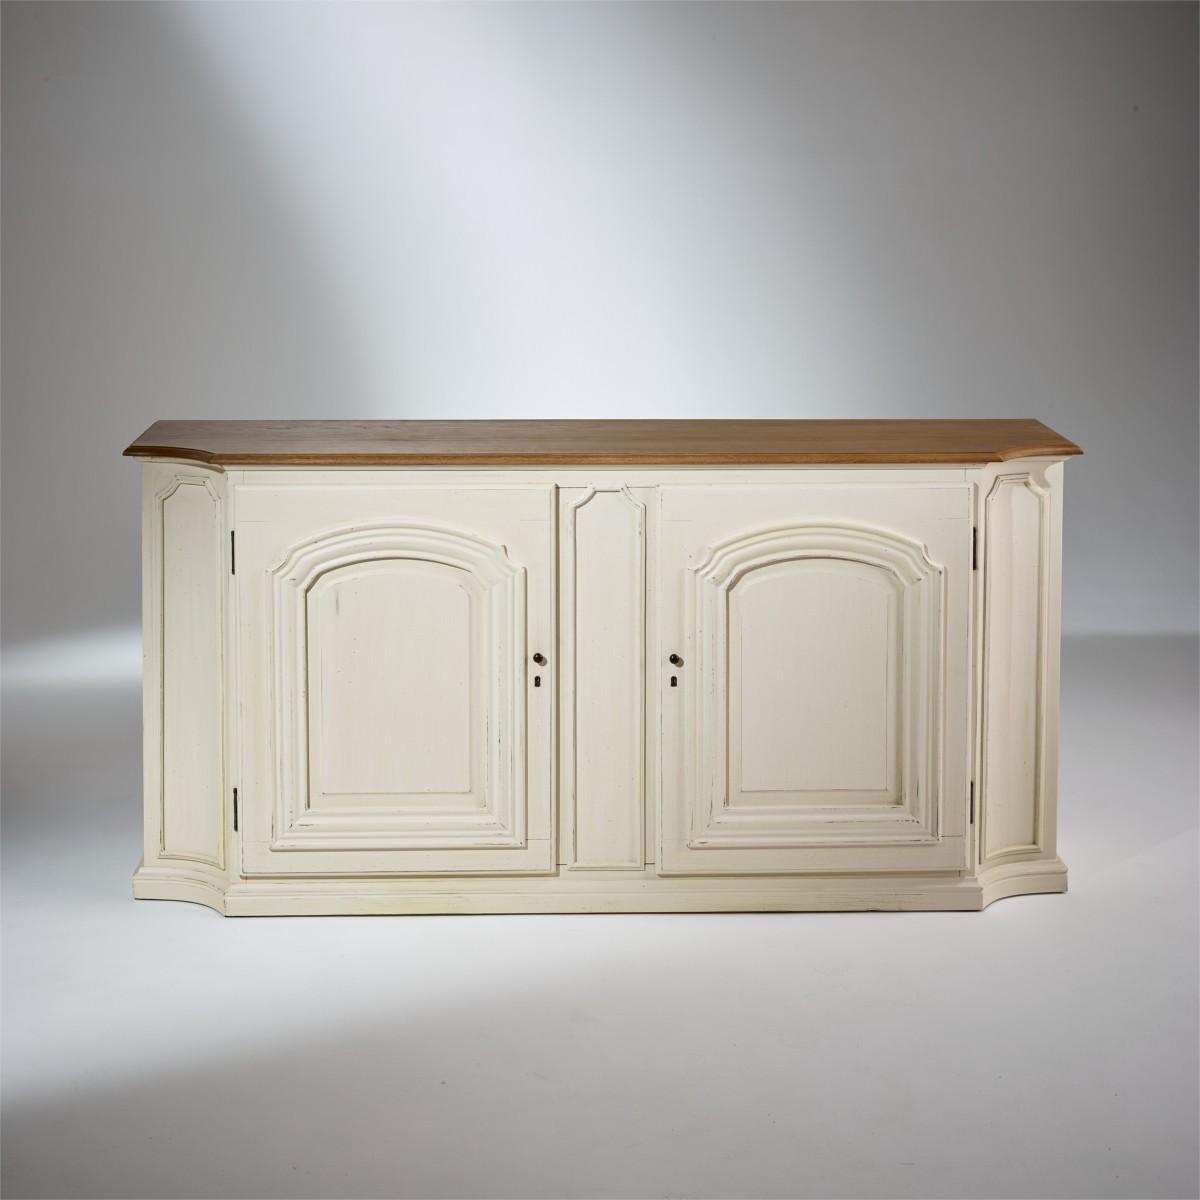 Patine Blanche Sur Bois buffet plateau chêne, patine blanc ivoire, 2 portes, elisabeth